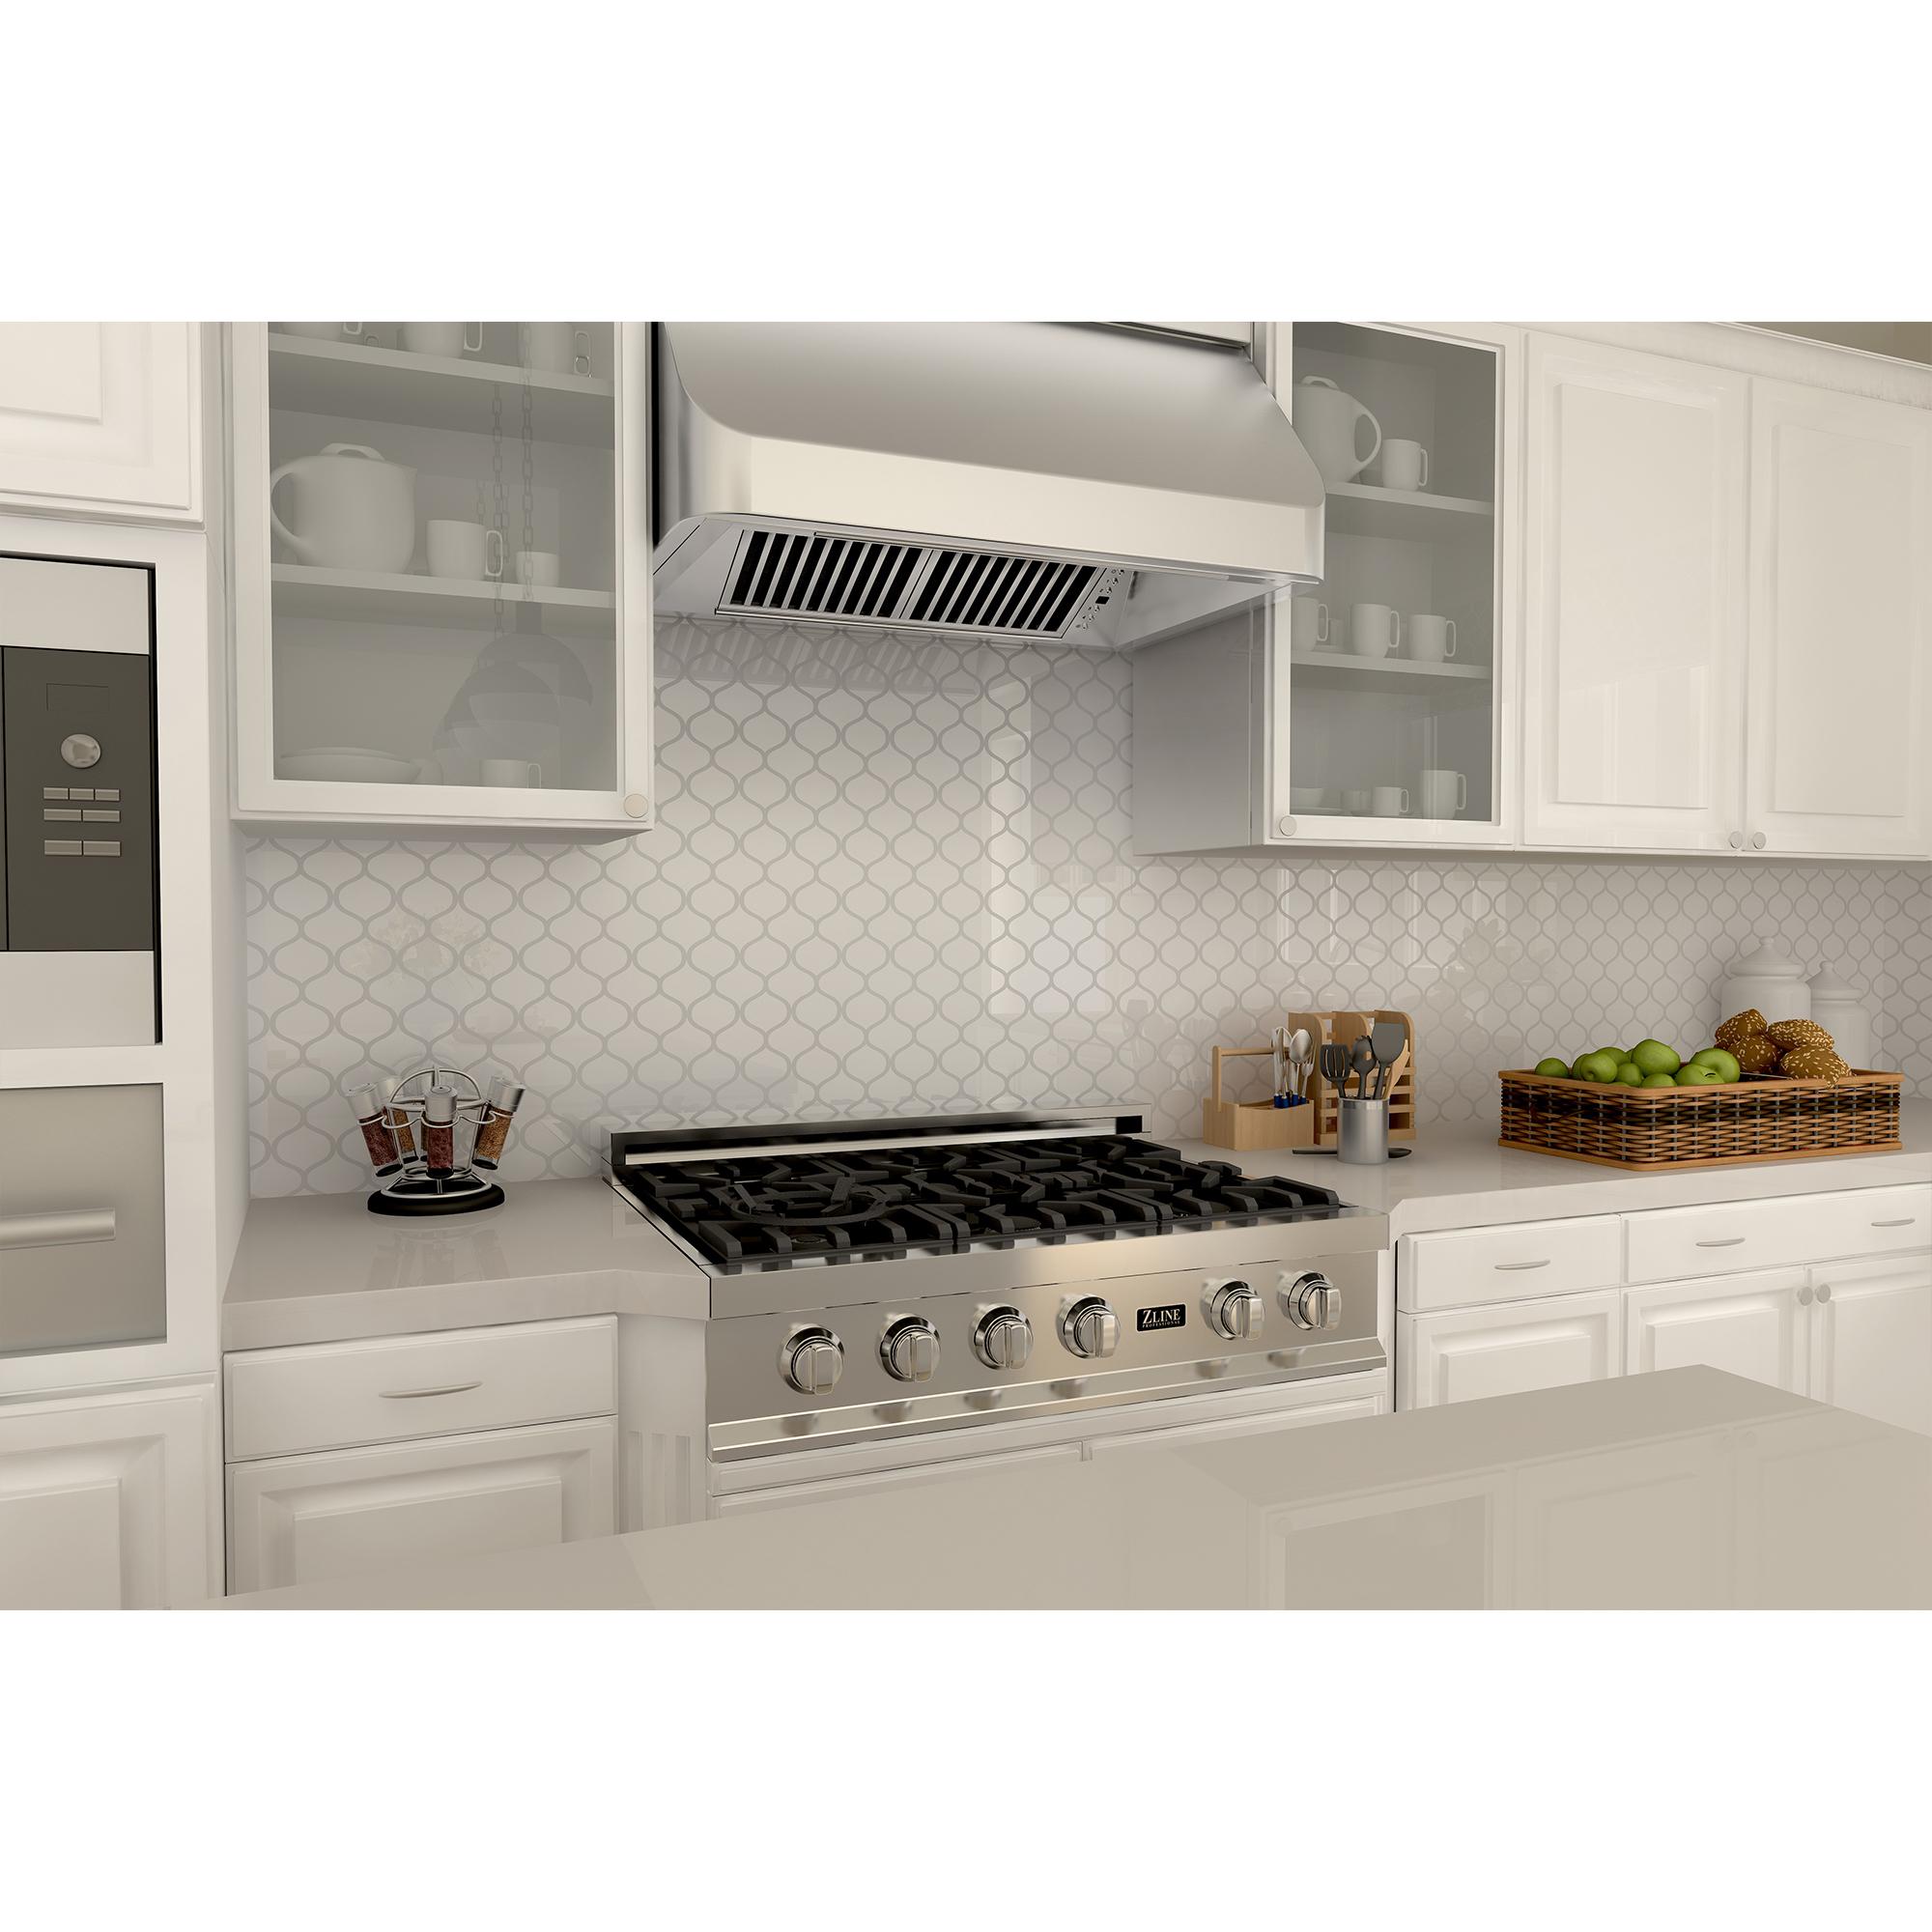 zline-stainless-steel-under-cabinet-range-hood-520-kitchen-updated-3.jpg